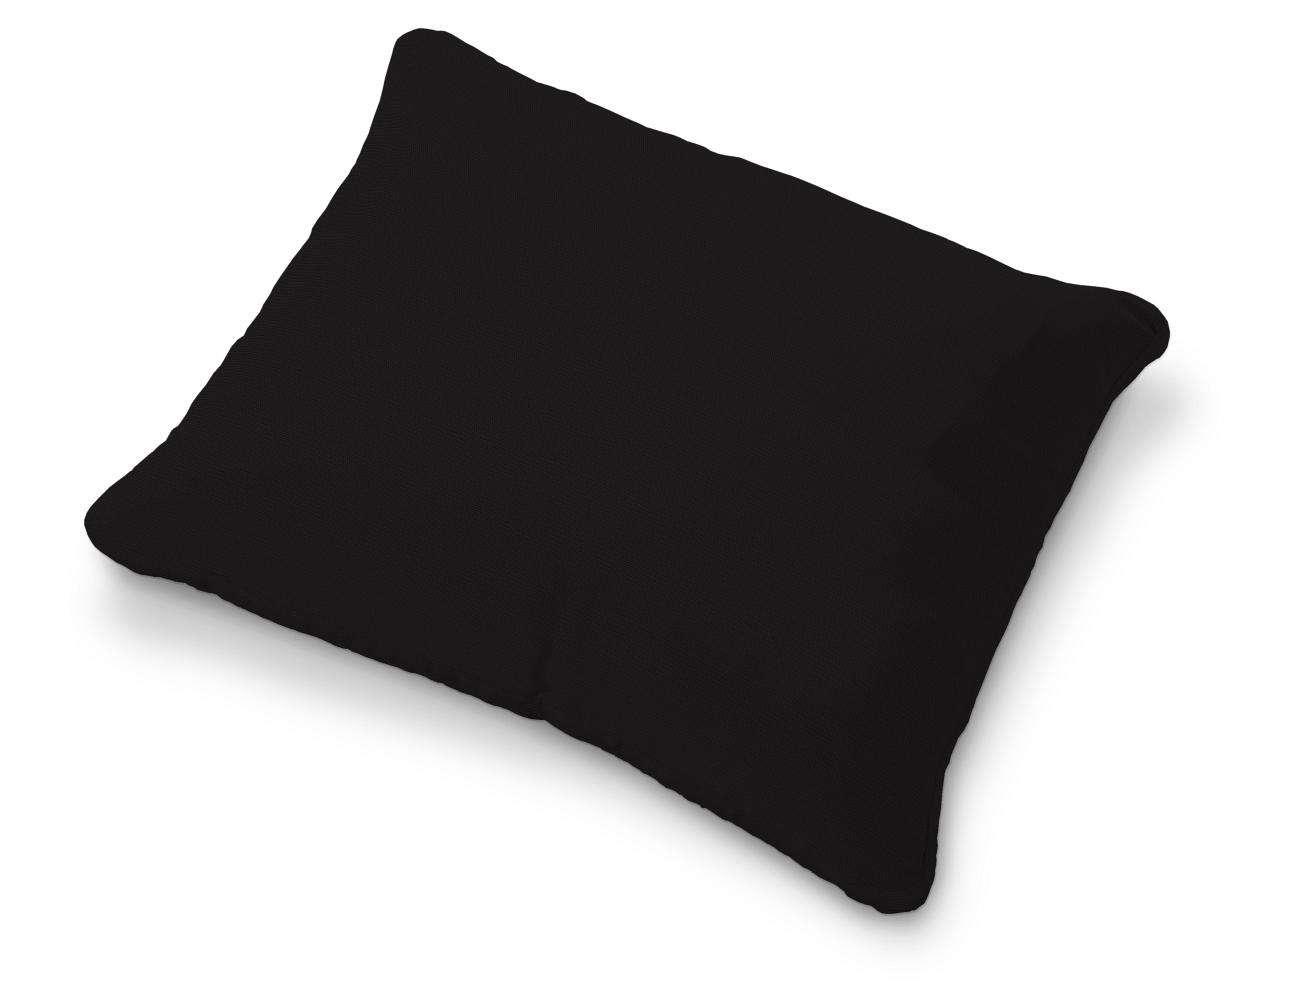 Poszewka na poduszkę Karlstad 58x48cm poduszka Karlstad 58x48cm w kolekcji Cotton Panama, tkanina: 702-09